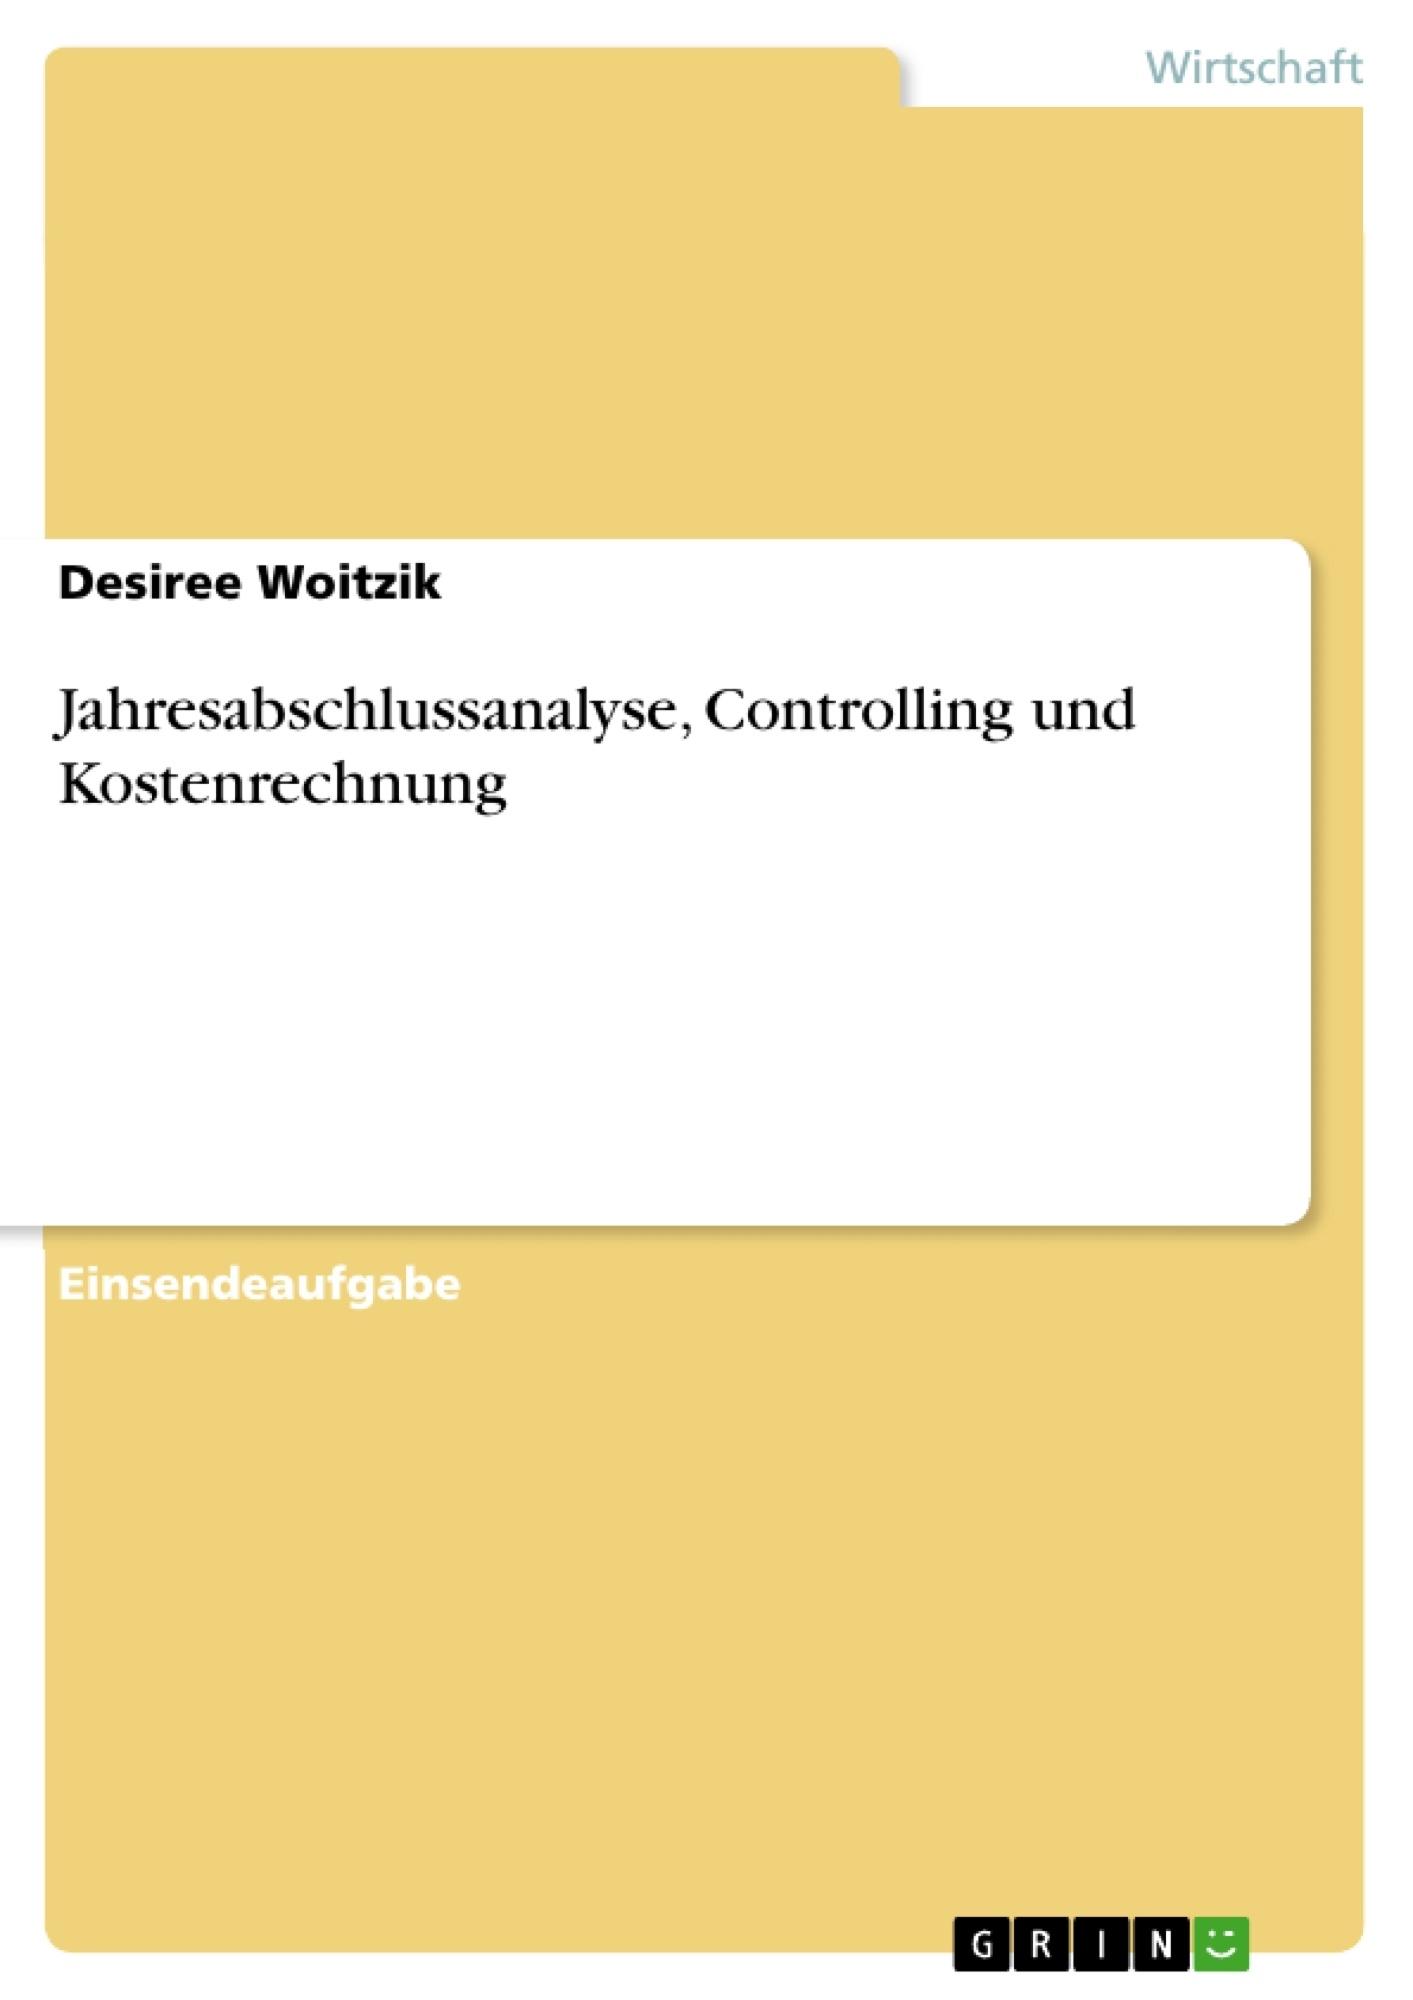 Titel: Jahresabschlussanalyse, Controlling und Kostenrechnung